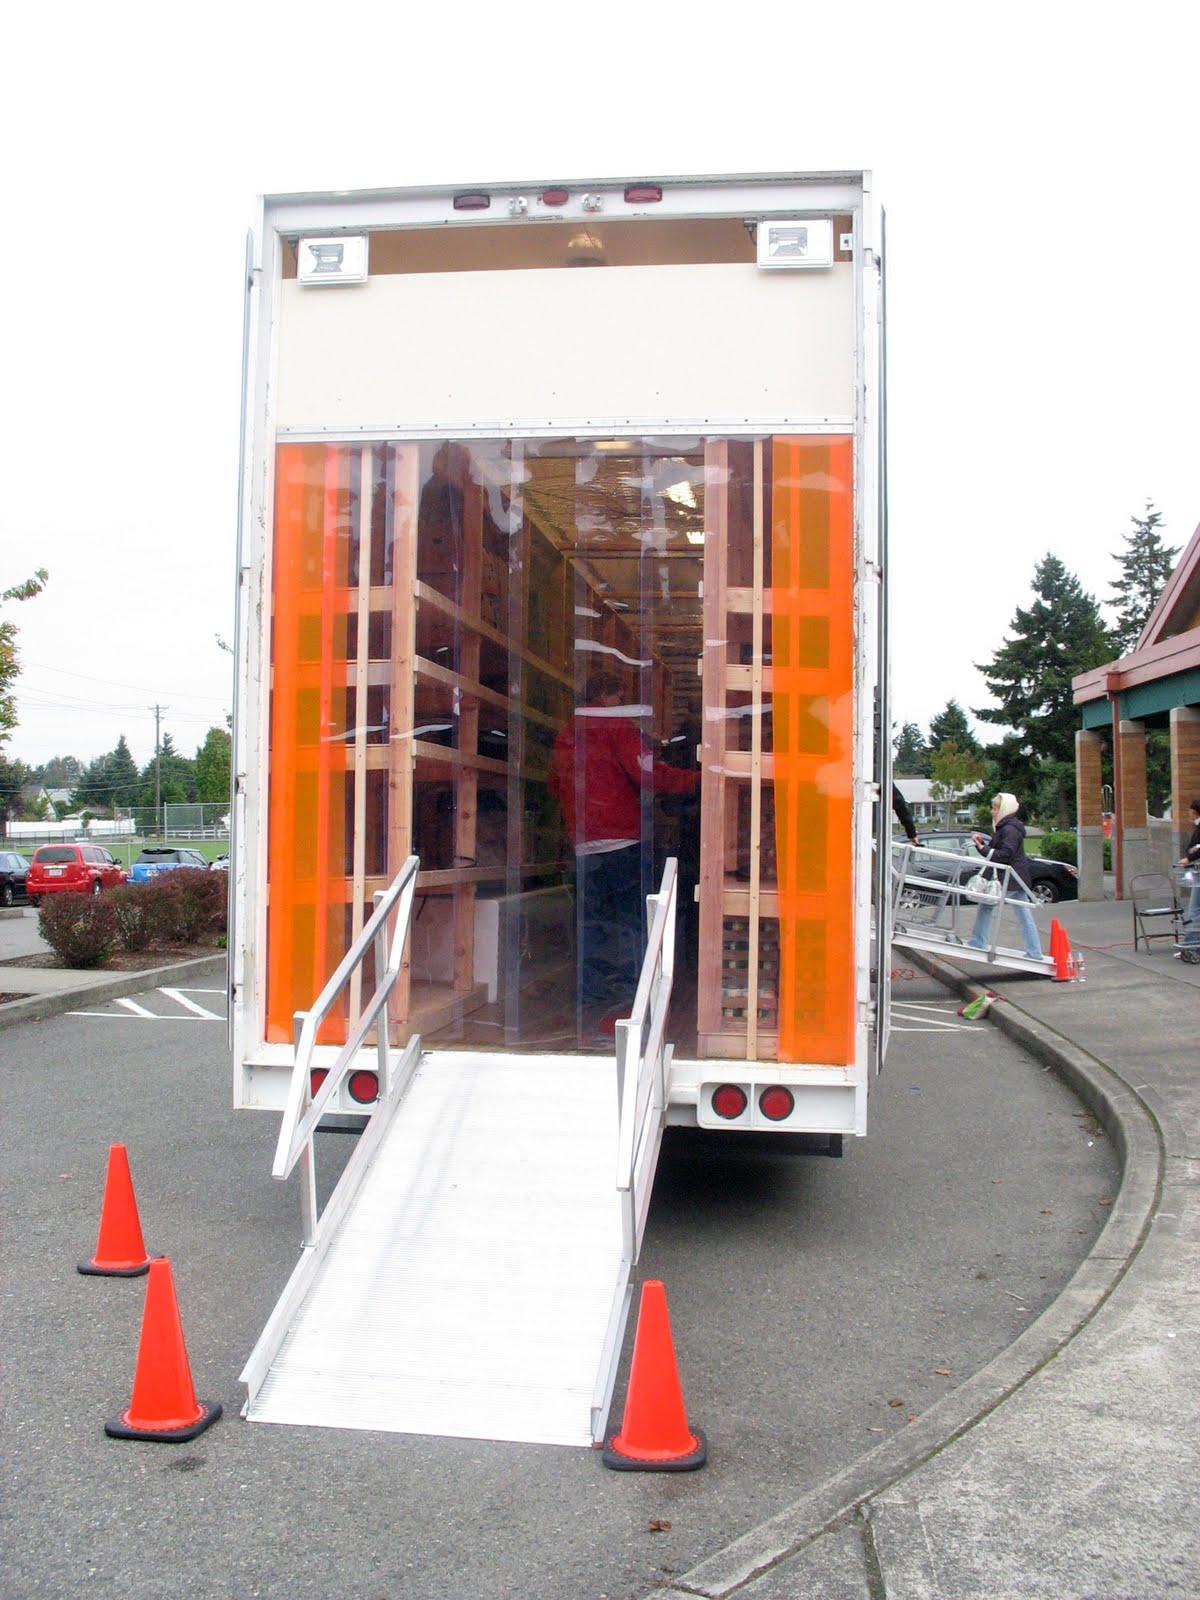 Fish wrap october 2011 for Fish food bank tacoma